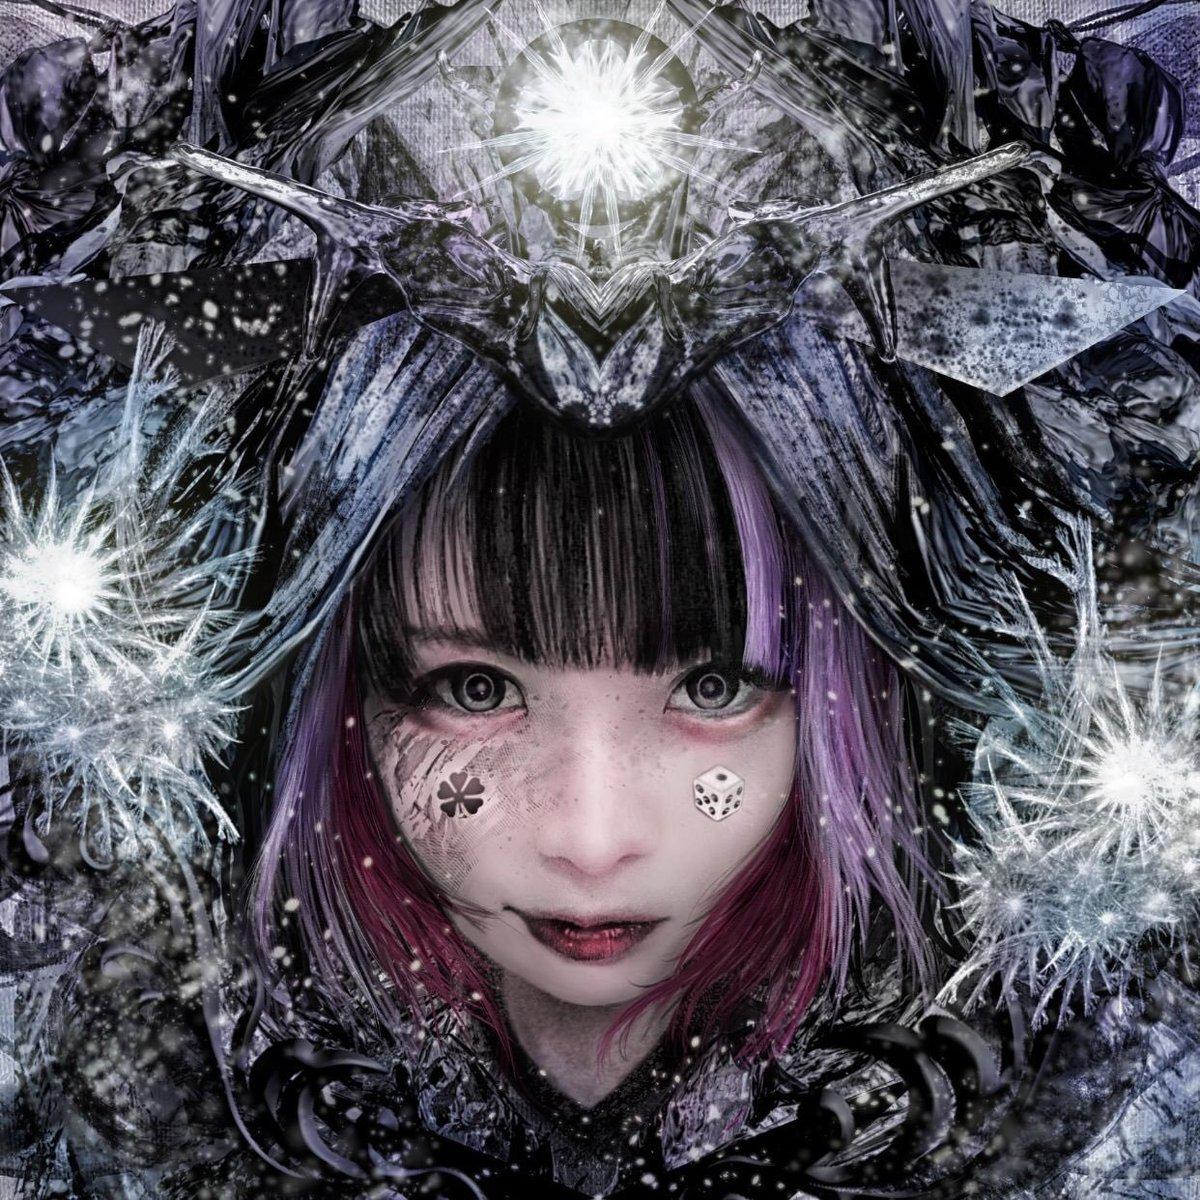 Penyanyi Seiko Oomori Ikut Serta Dalam Memberikan Lagu Tema Untuk Serial Anime Black Clover